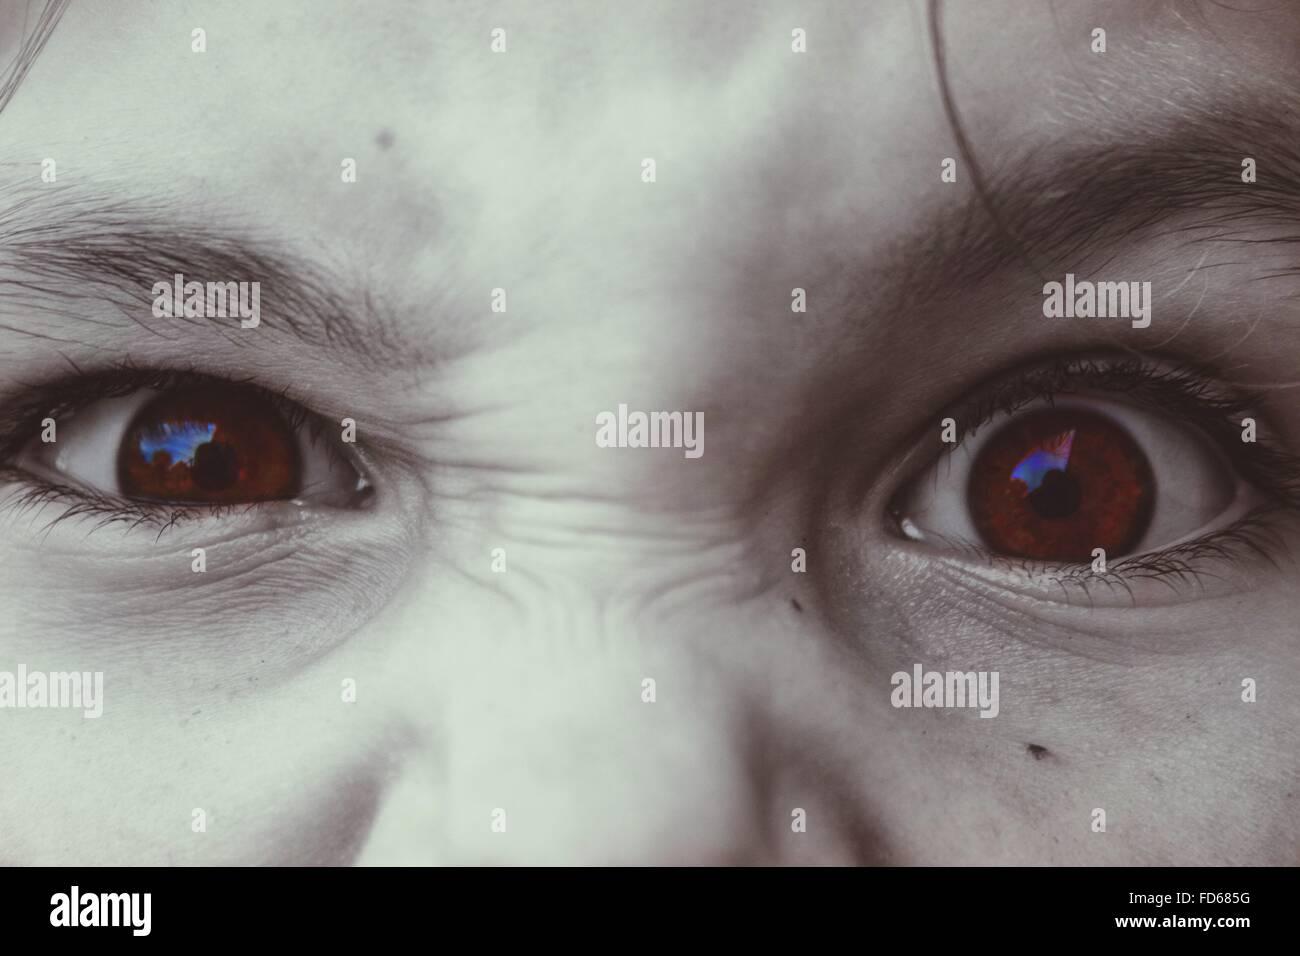 Nahaufnahme eines Kindes Augen Stockbild